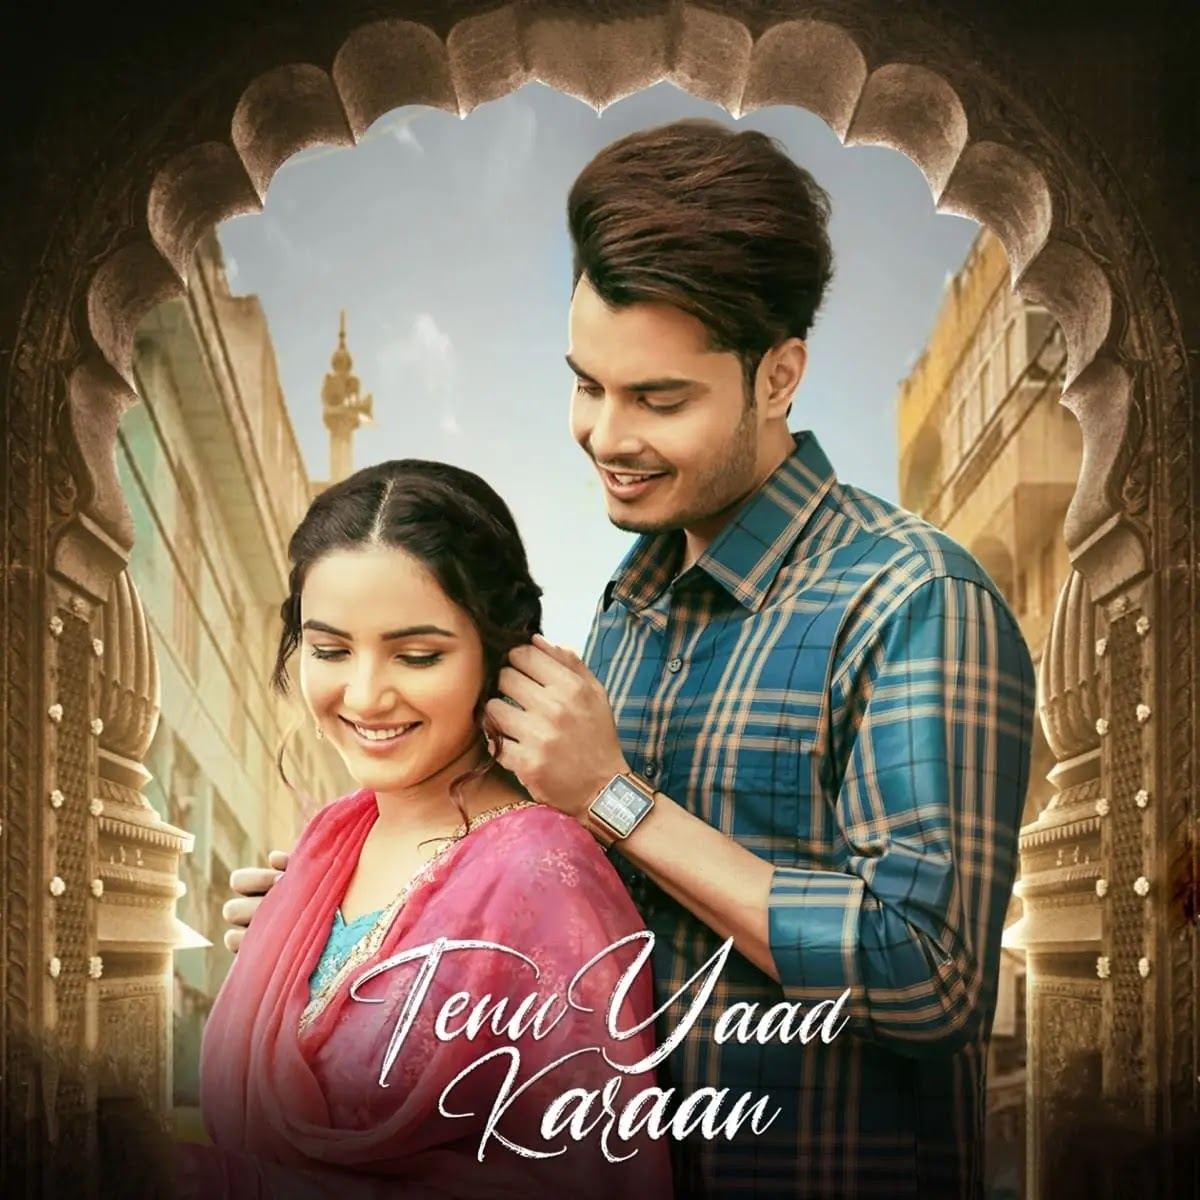 Tenu Yaad Karaan Mp3 Song Download 320kbps Free